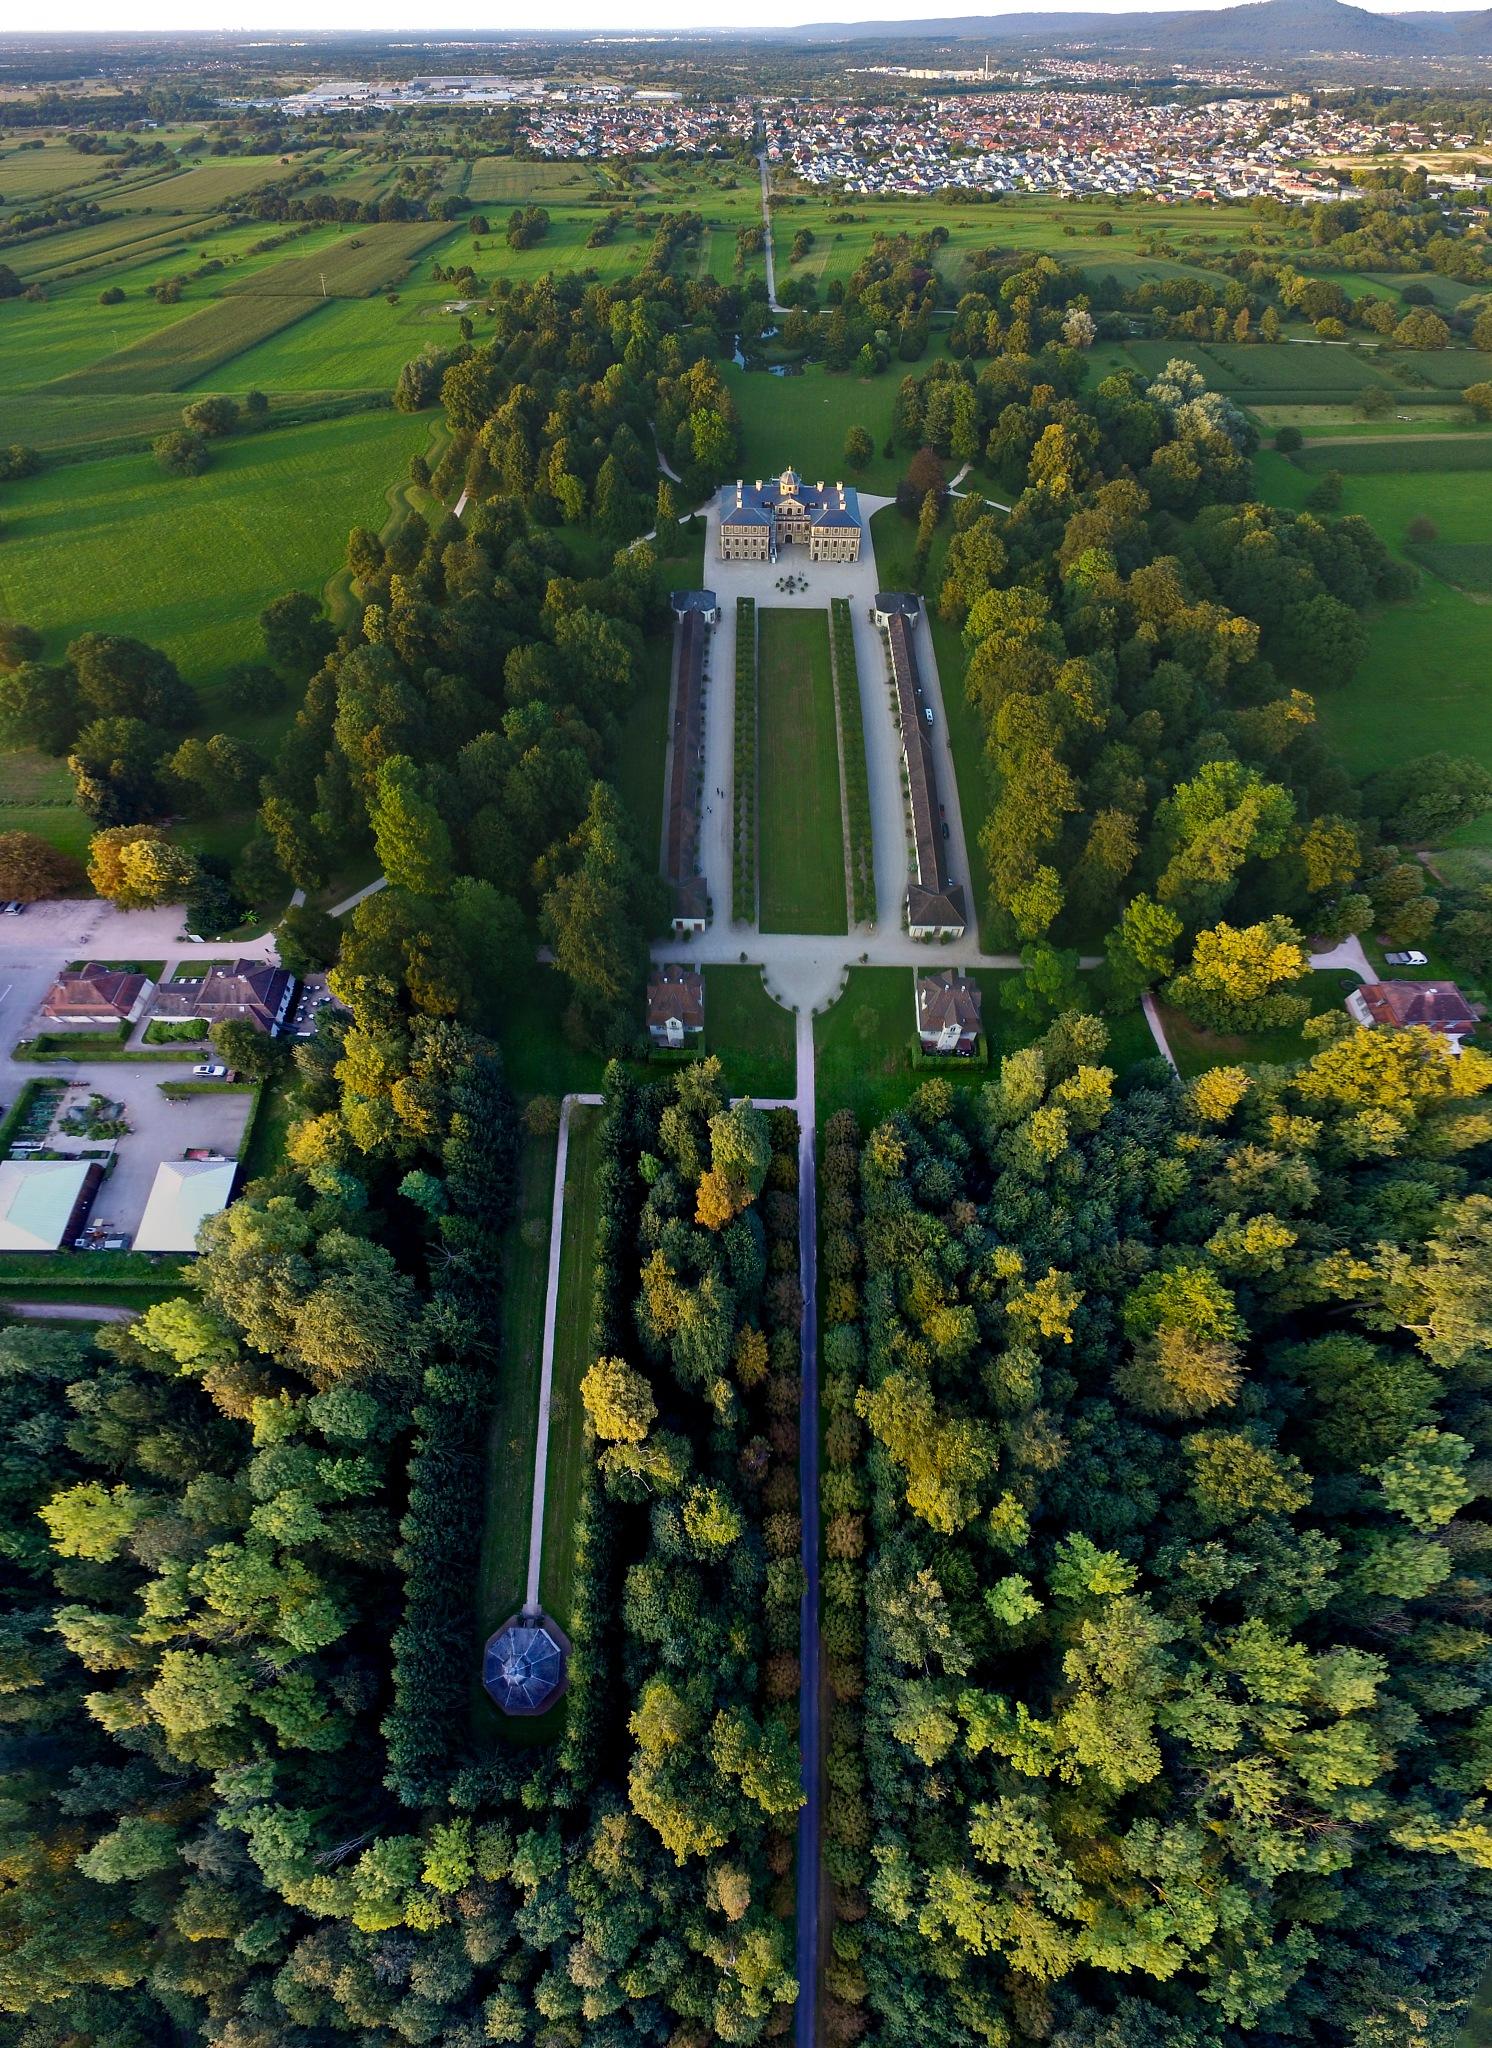 Schloss Favorite by Peter Blaha